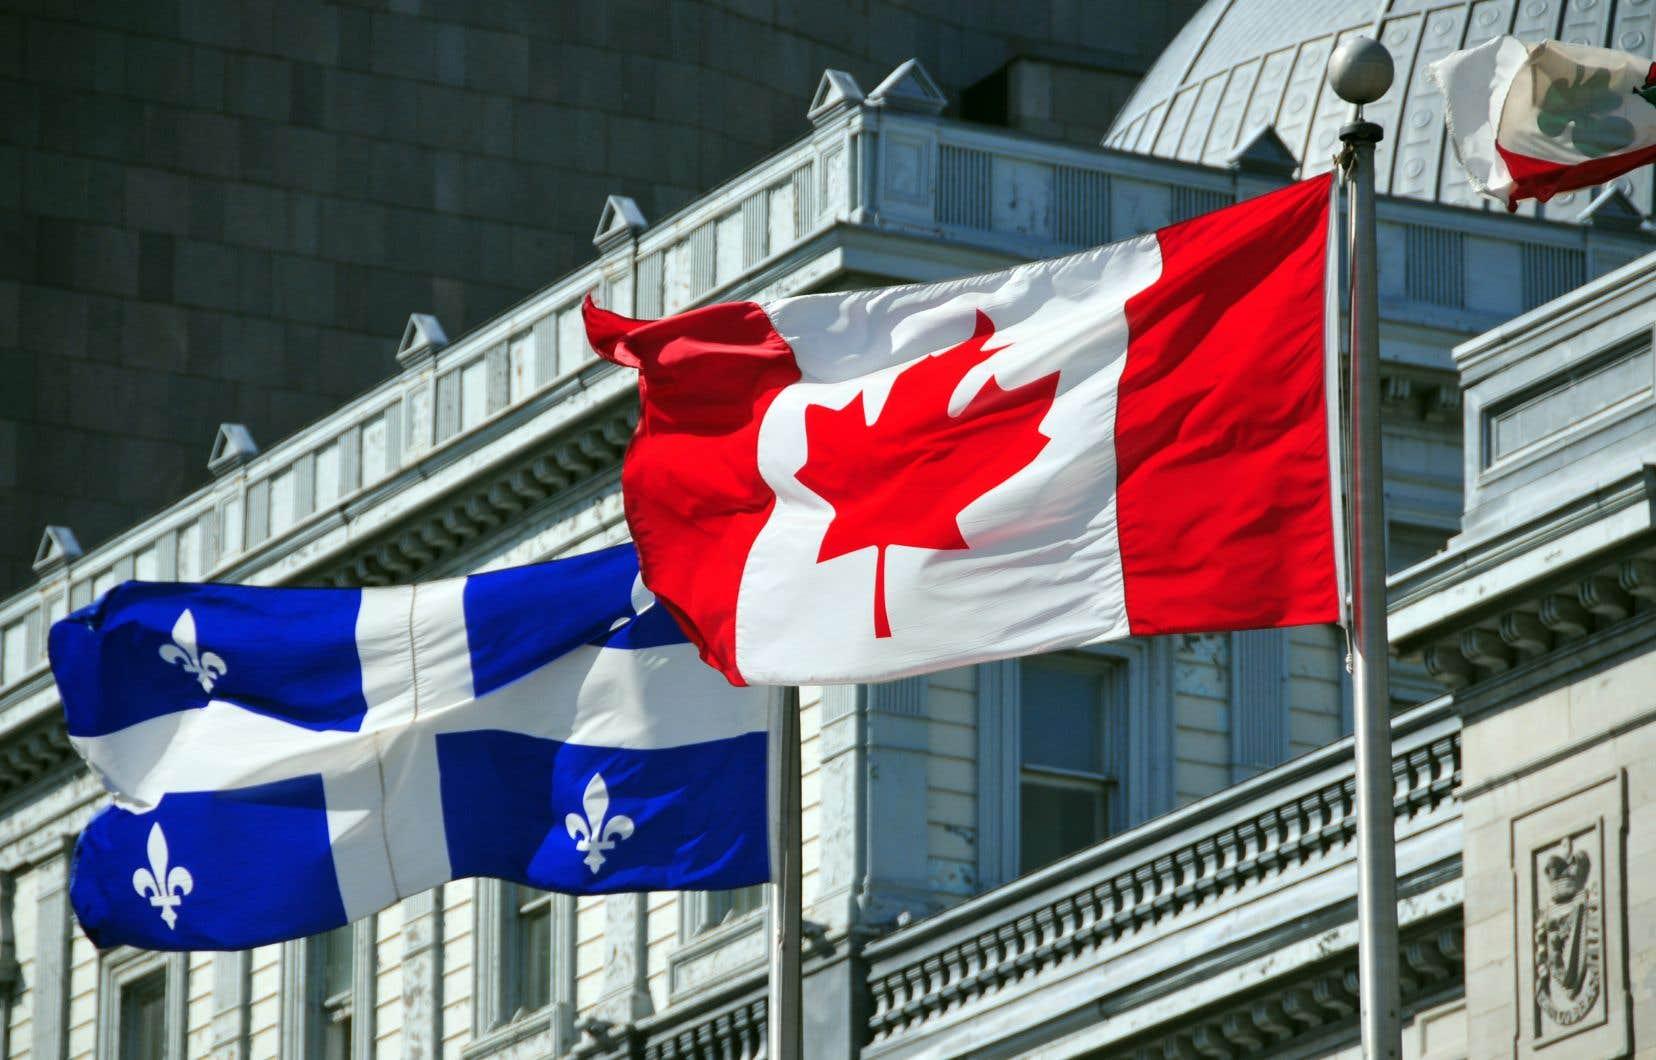 Dans la mesure où le Québec est toujours un membre à part entière de la fédération canadienne, pourquoi devrait-il se priver d'une partie des transferts fédéraux auxquels il a droit, se questionne l'auteur.